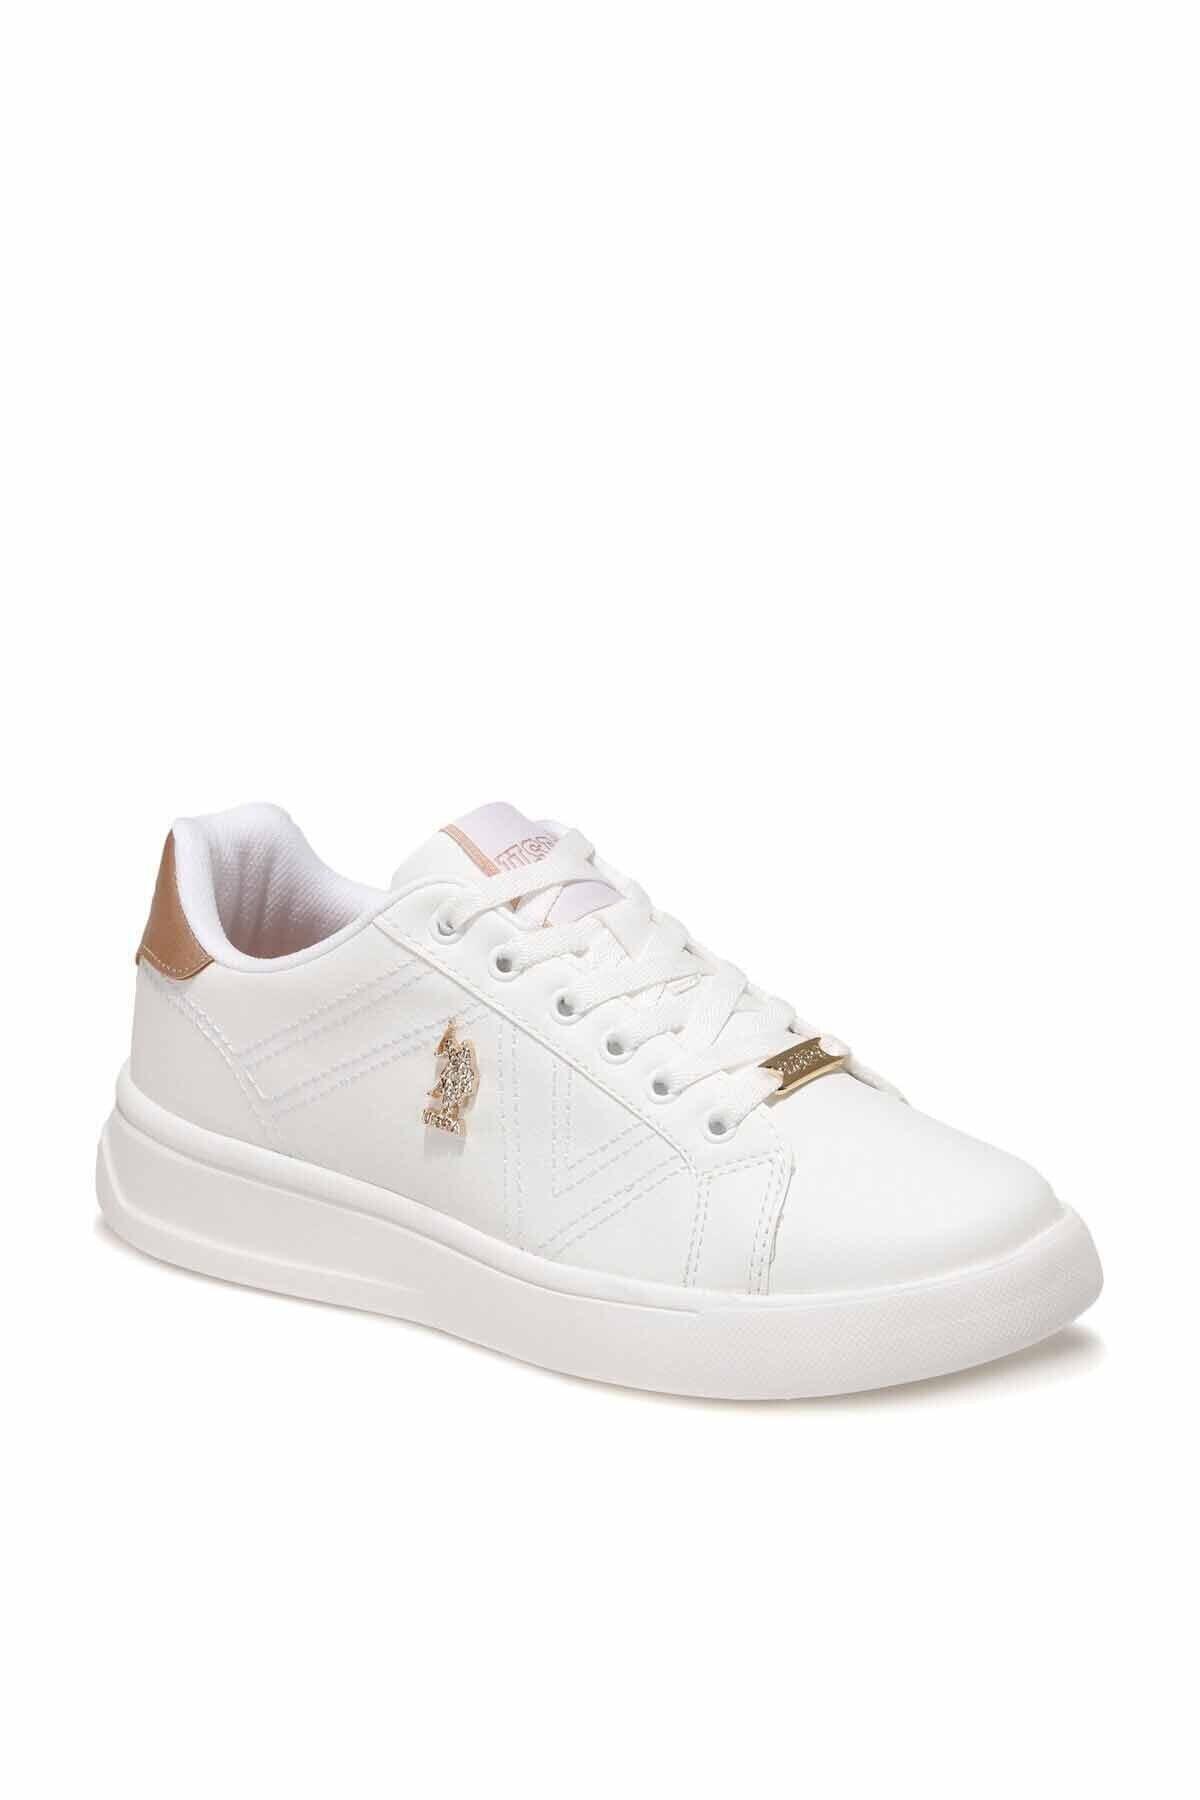 U.S. Polo Assn. EXXY Beyaz Kadın Havuz Taban Sneaker 100606373 1